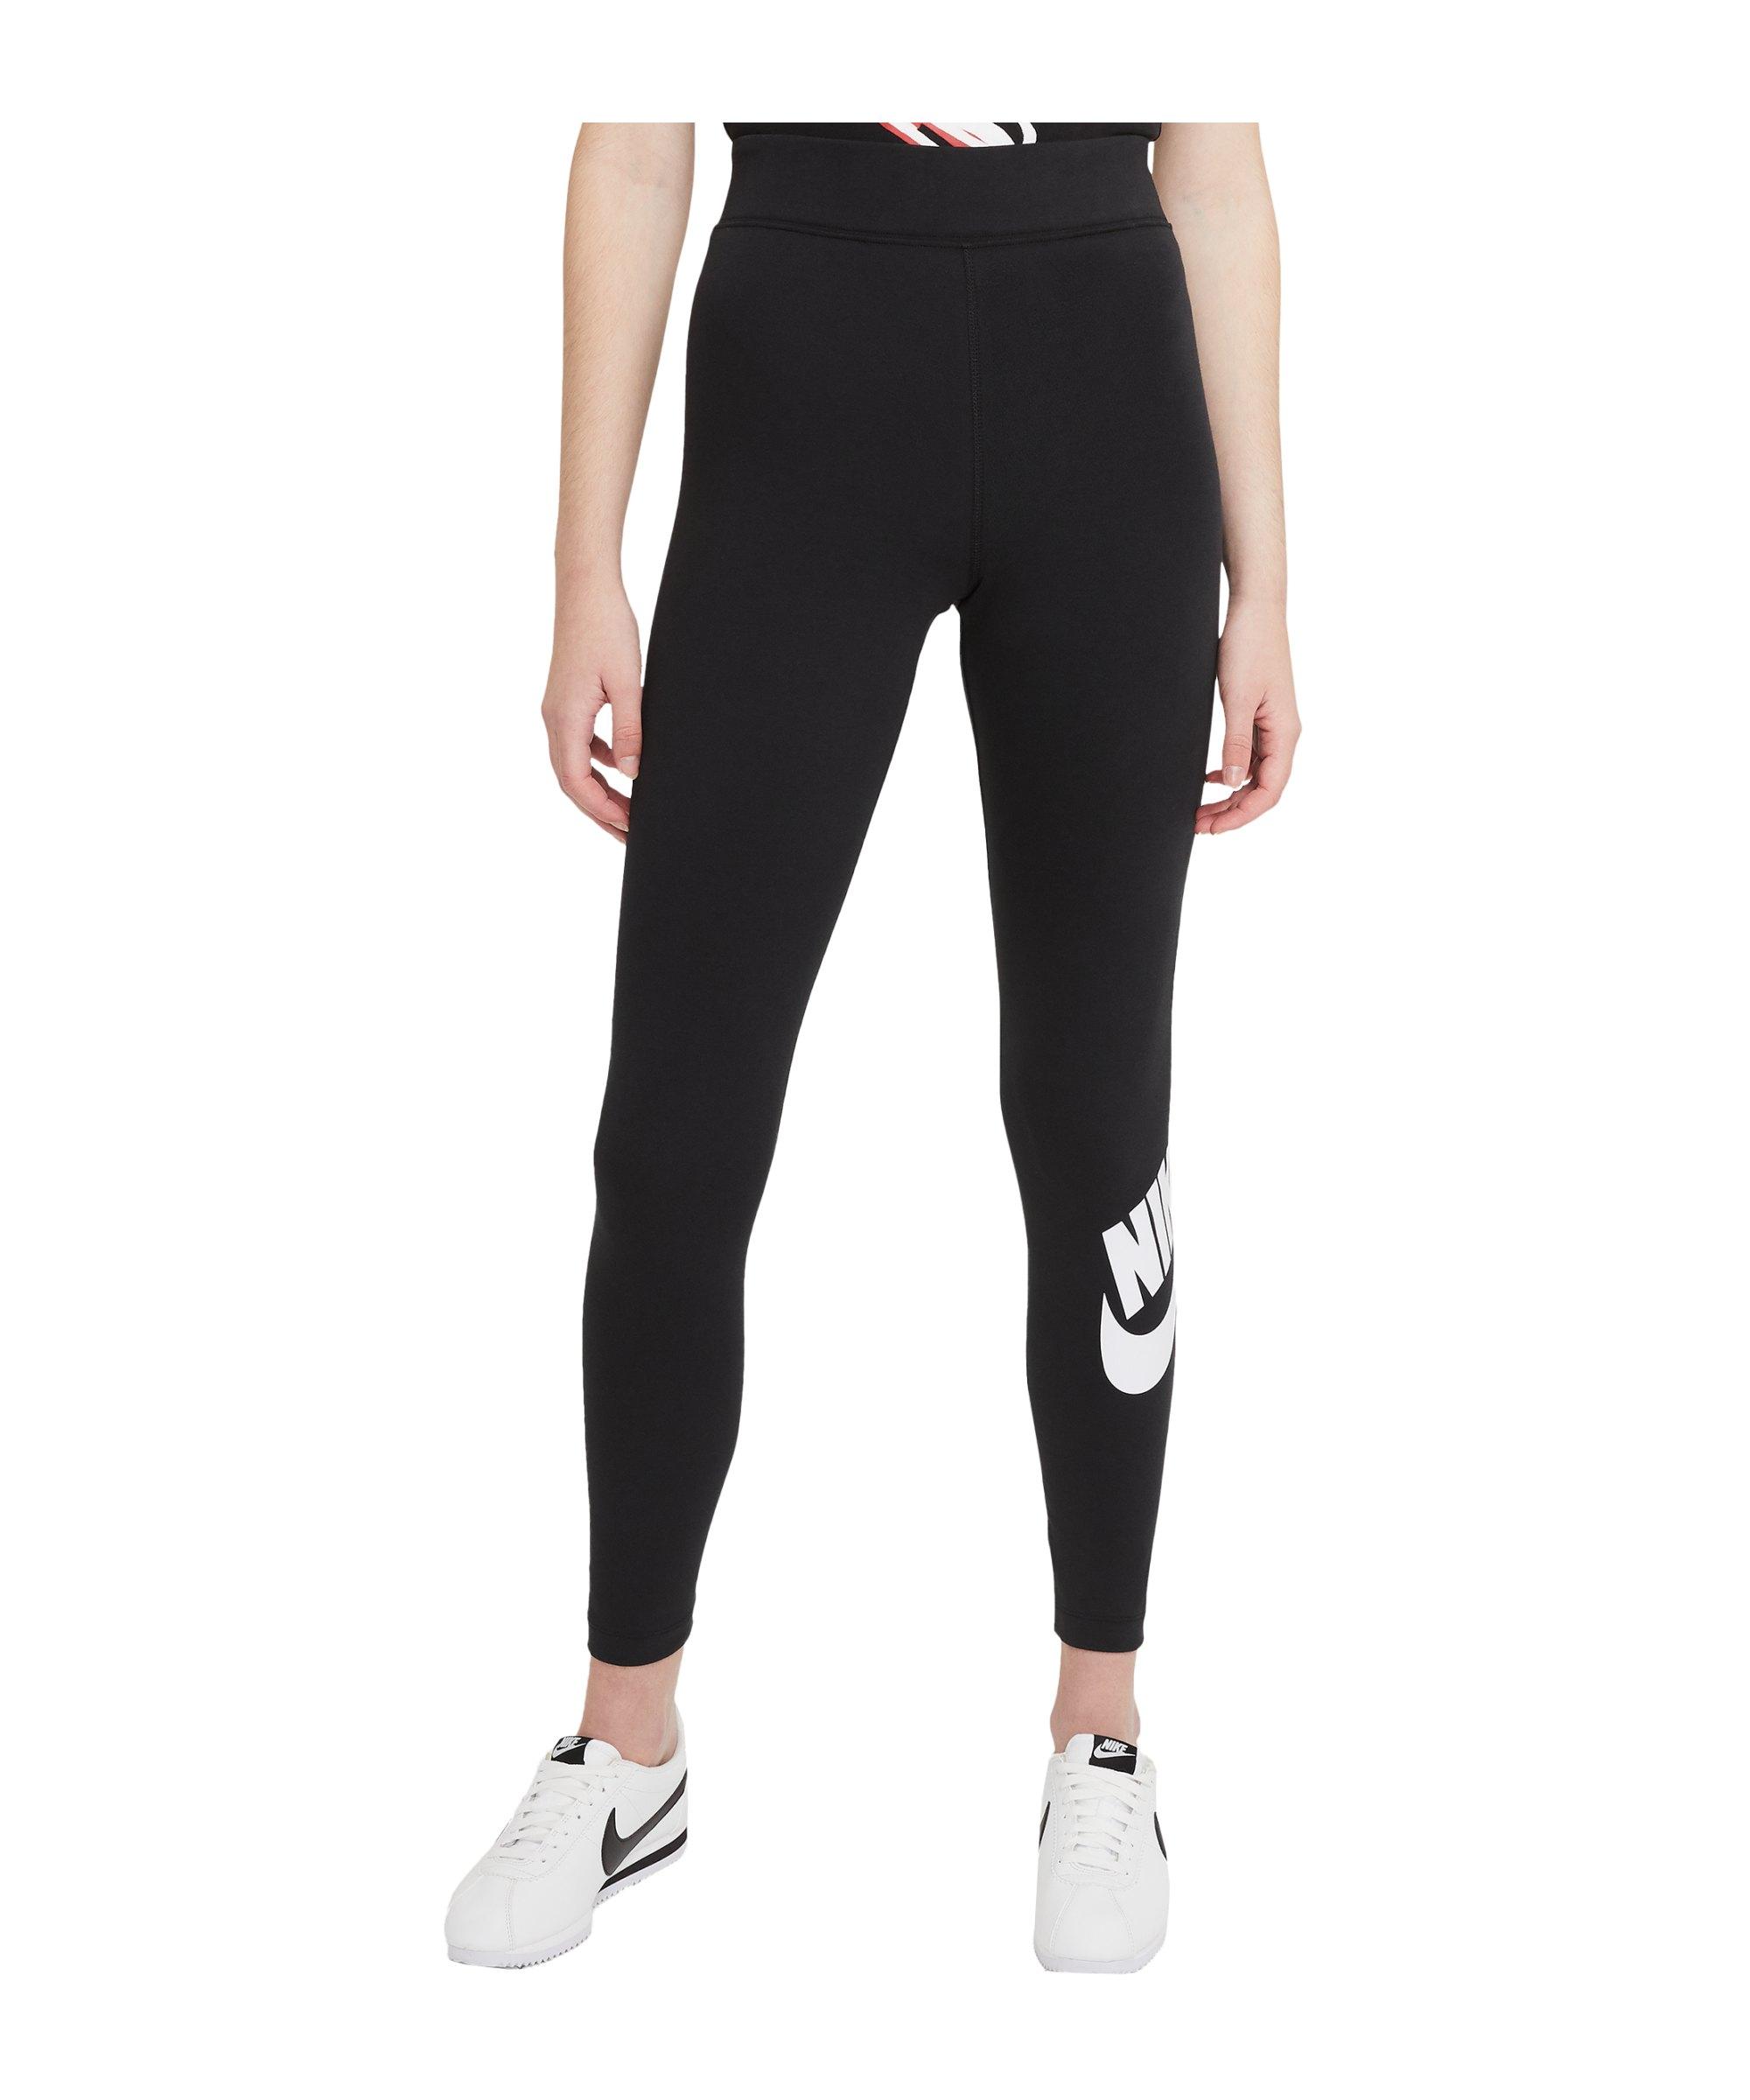 Nike Essentials Leggings Damen Schwarz Weiss F010 - schwarz